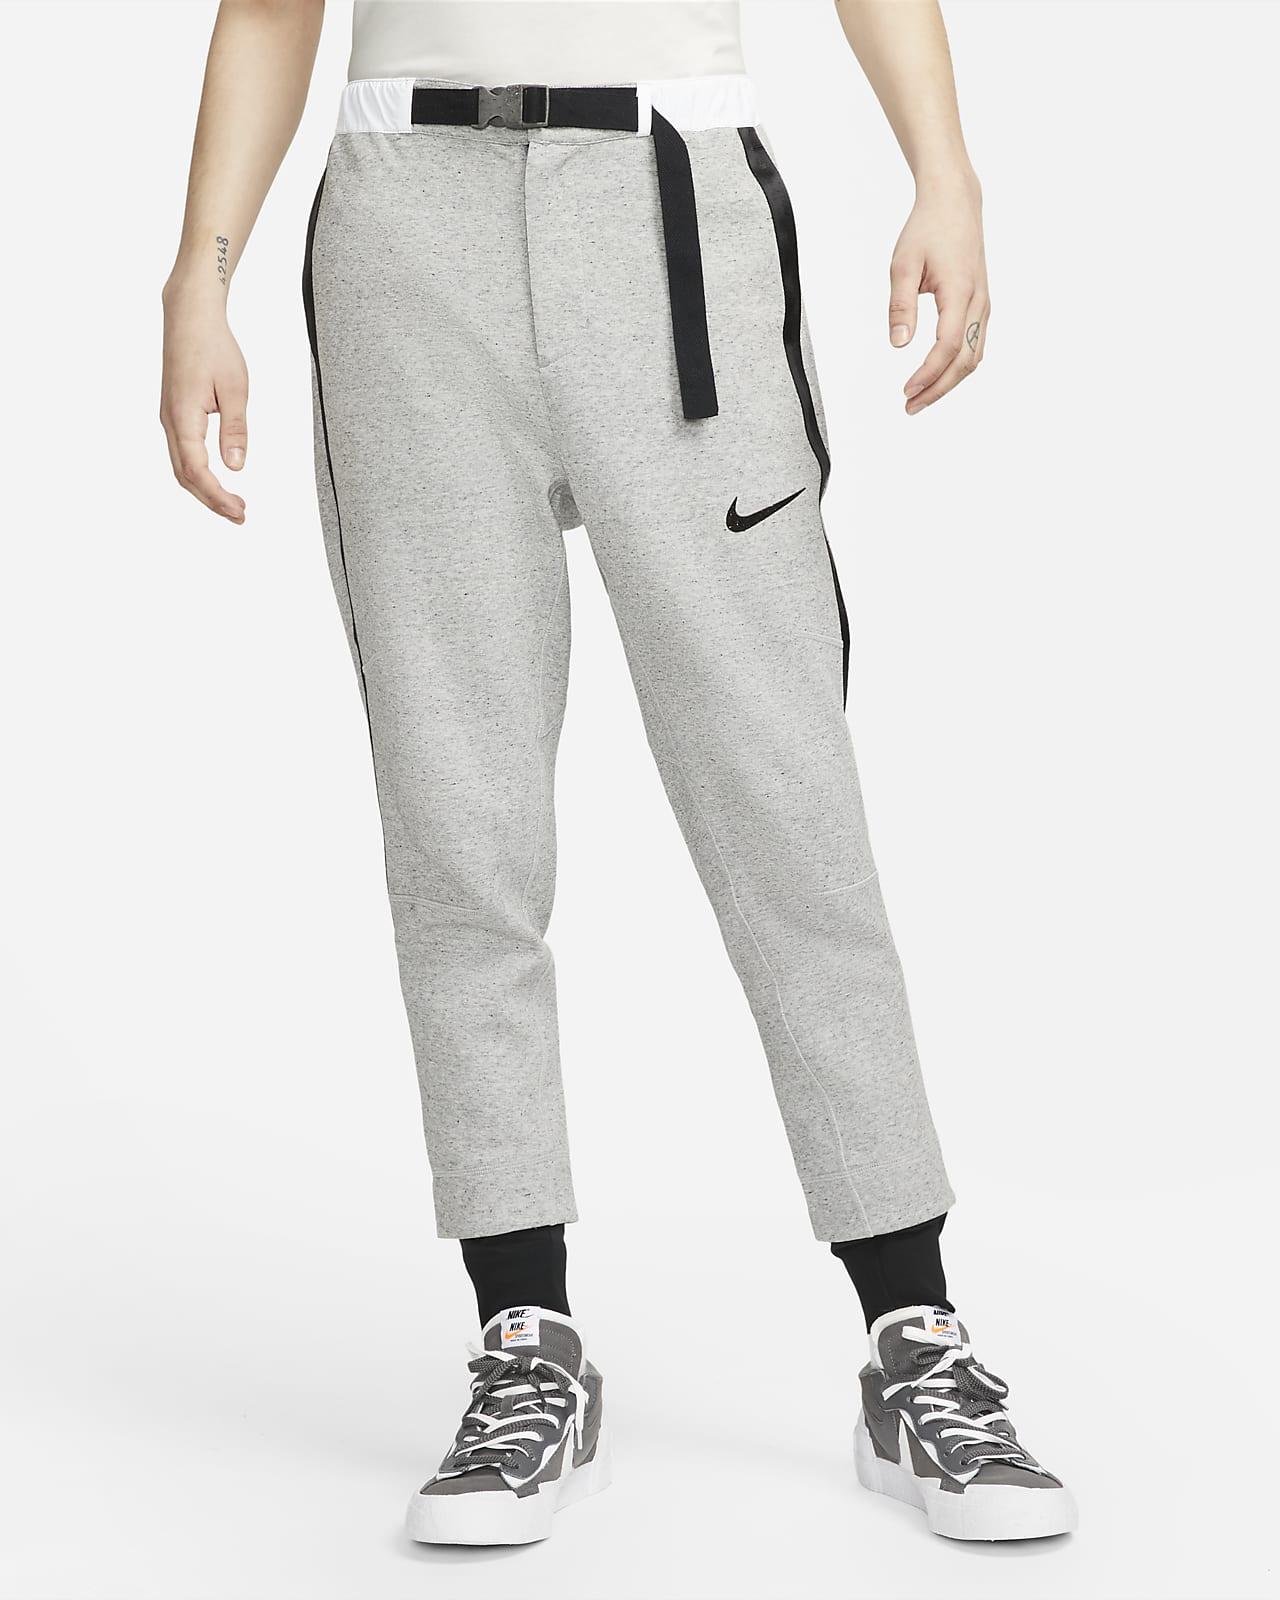 กางเกงขายาวผ้าฟลีซ Nike x sacai